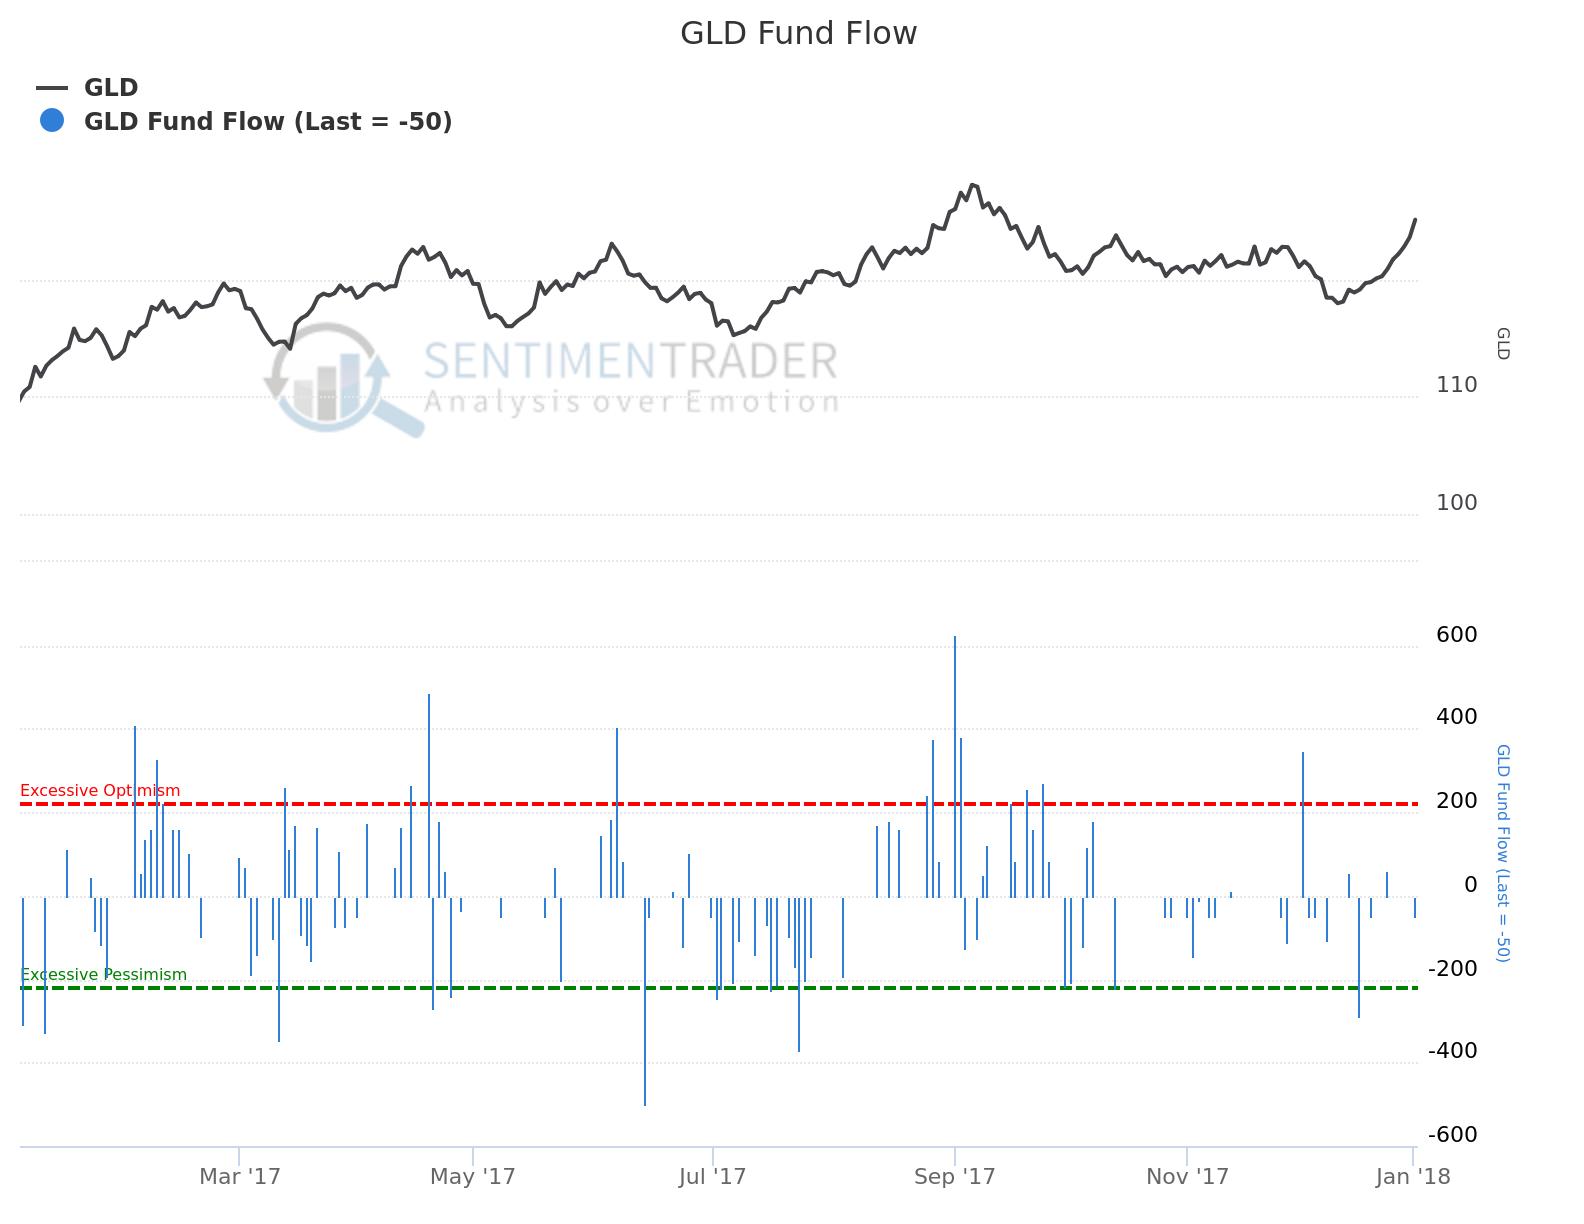 GLD Fund Flow JAN:18